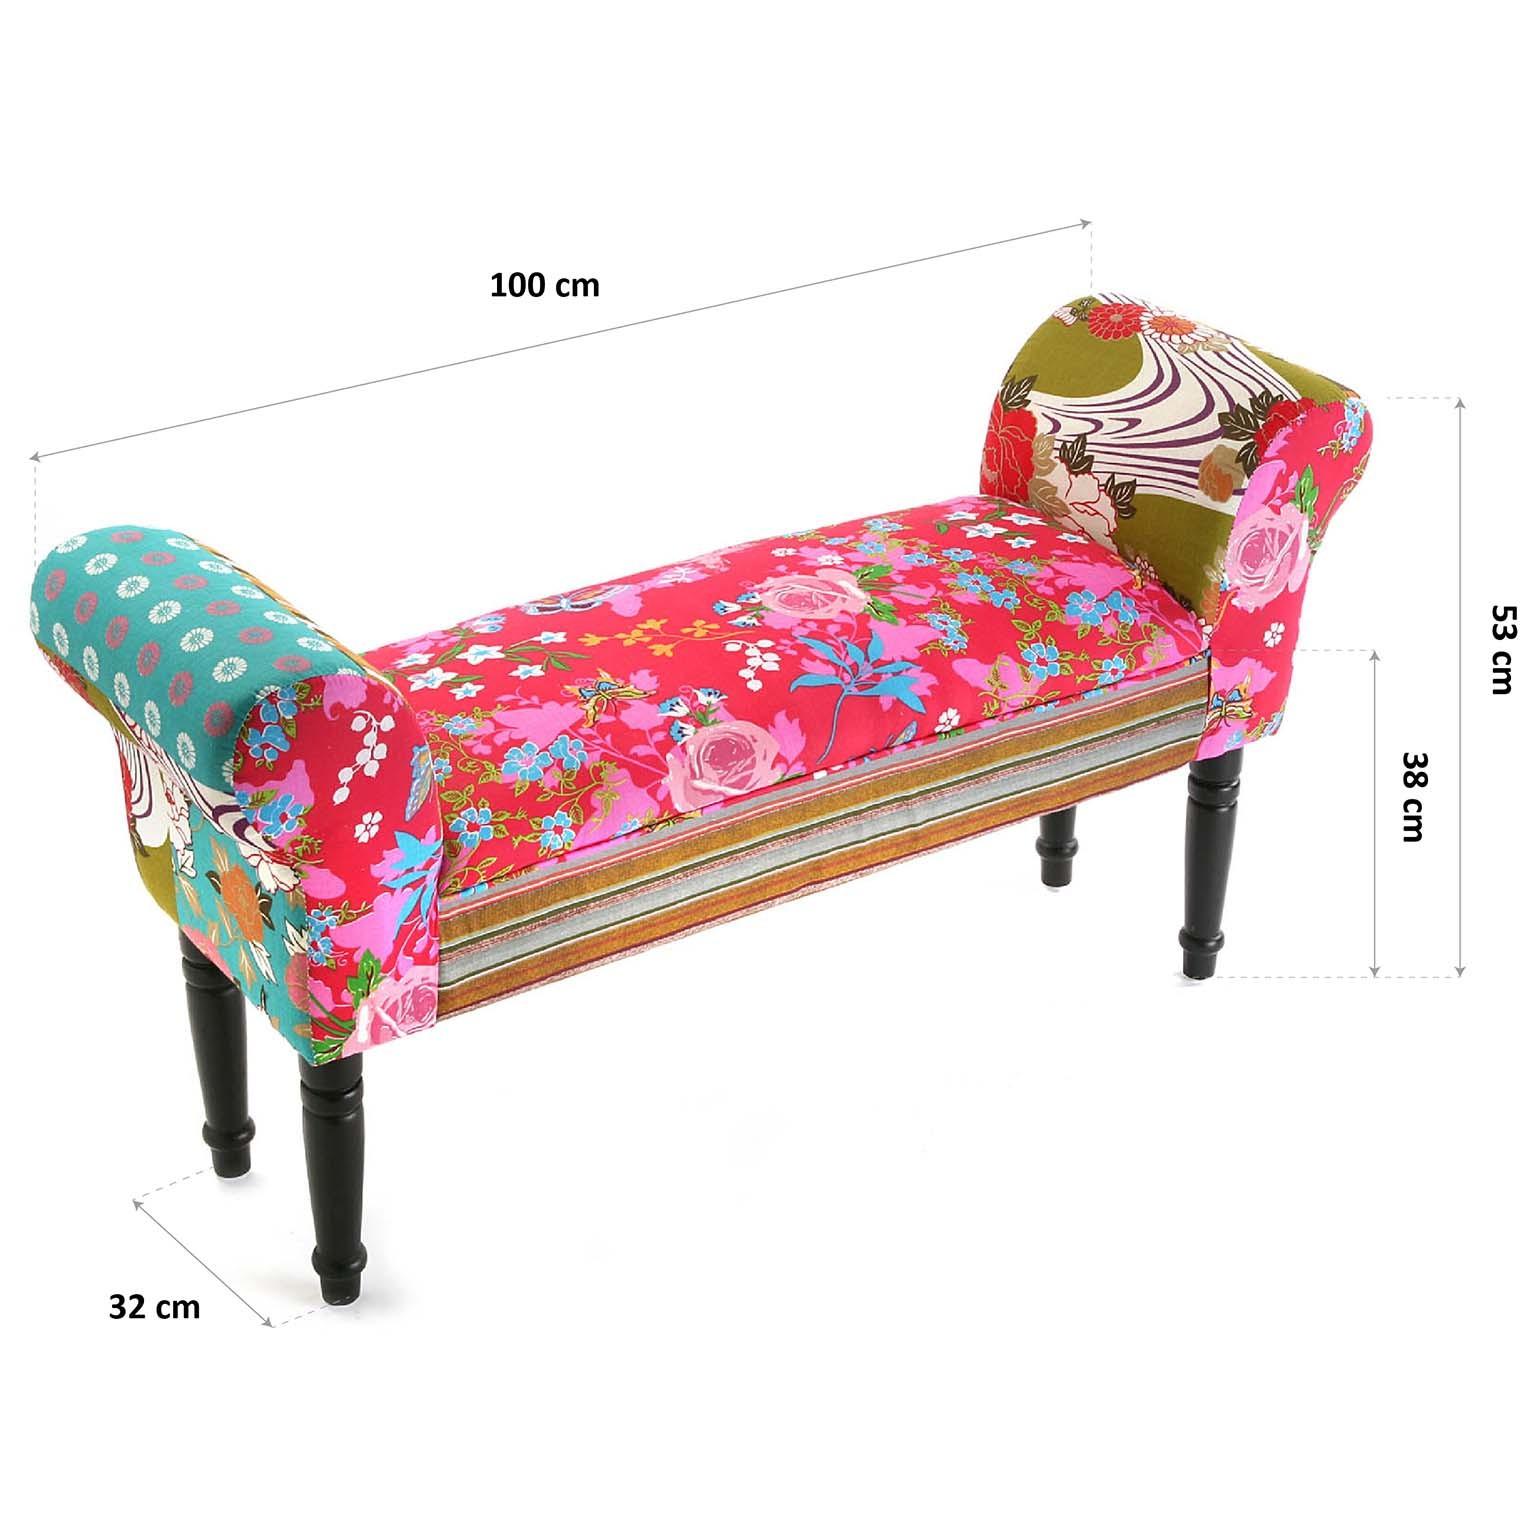 31838-banqueta-estampado-floral-2.jpg